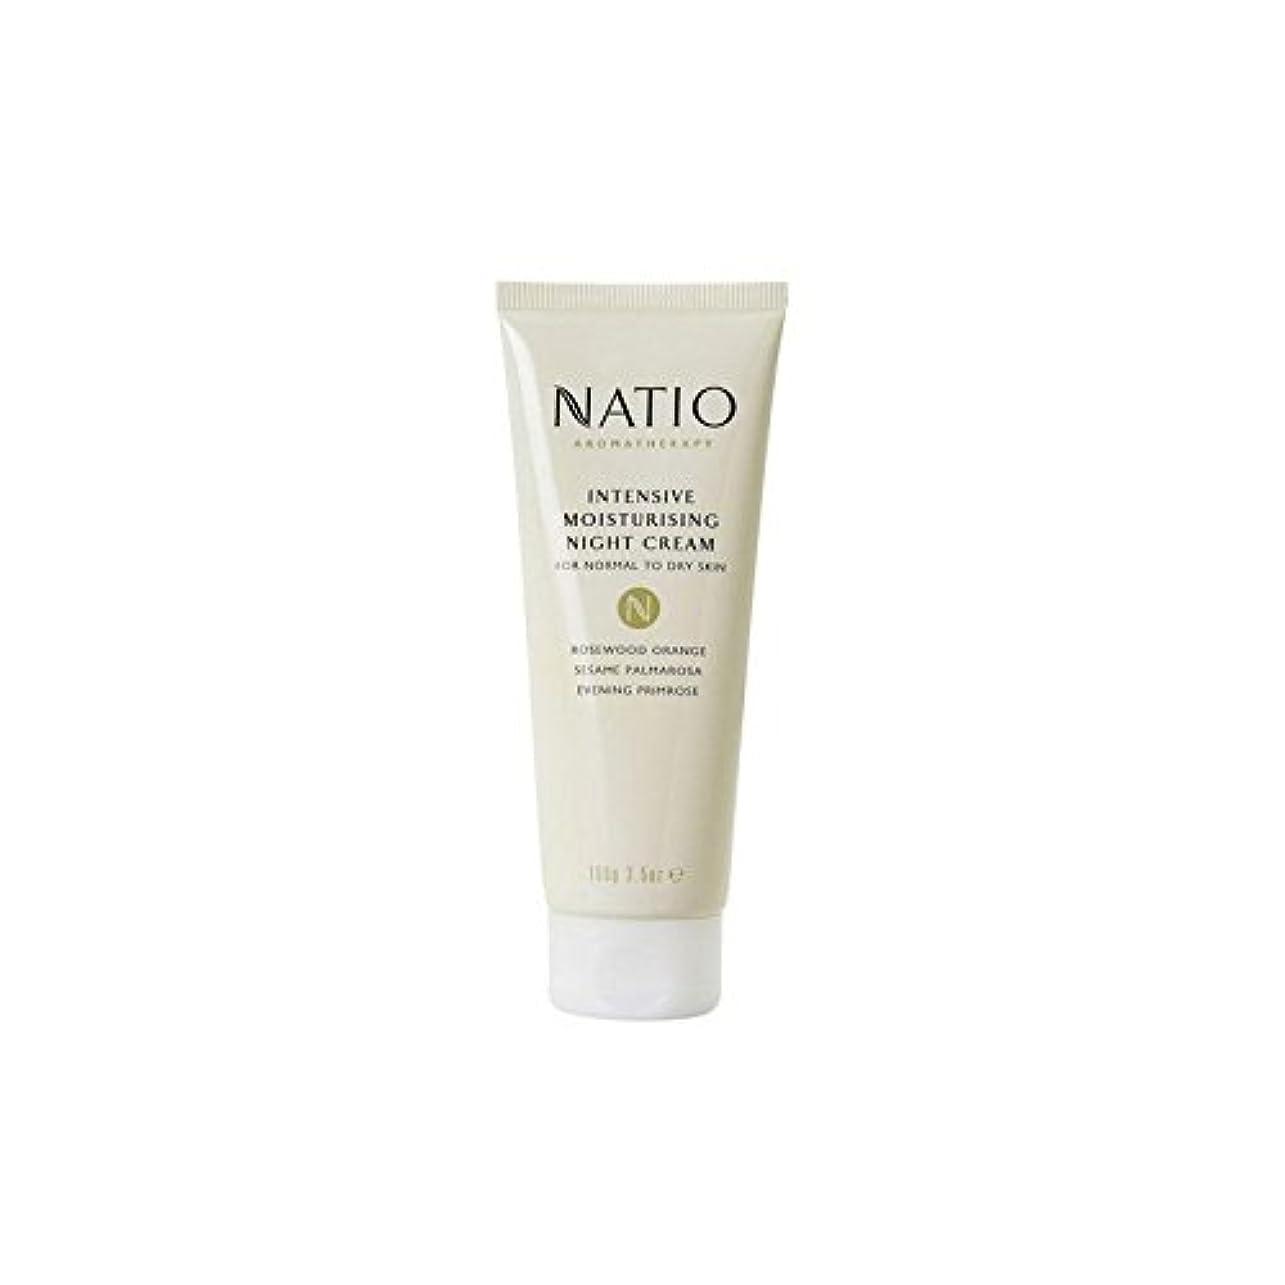 無効難民受取人集中的な保湿ナイトクリーム(100グラム) x2 - Natio Intensive Moisturising Night Cream (100G) (Pack of 2) [並行輸入品]